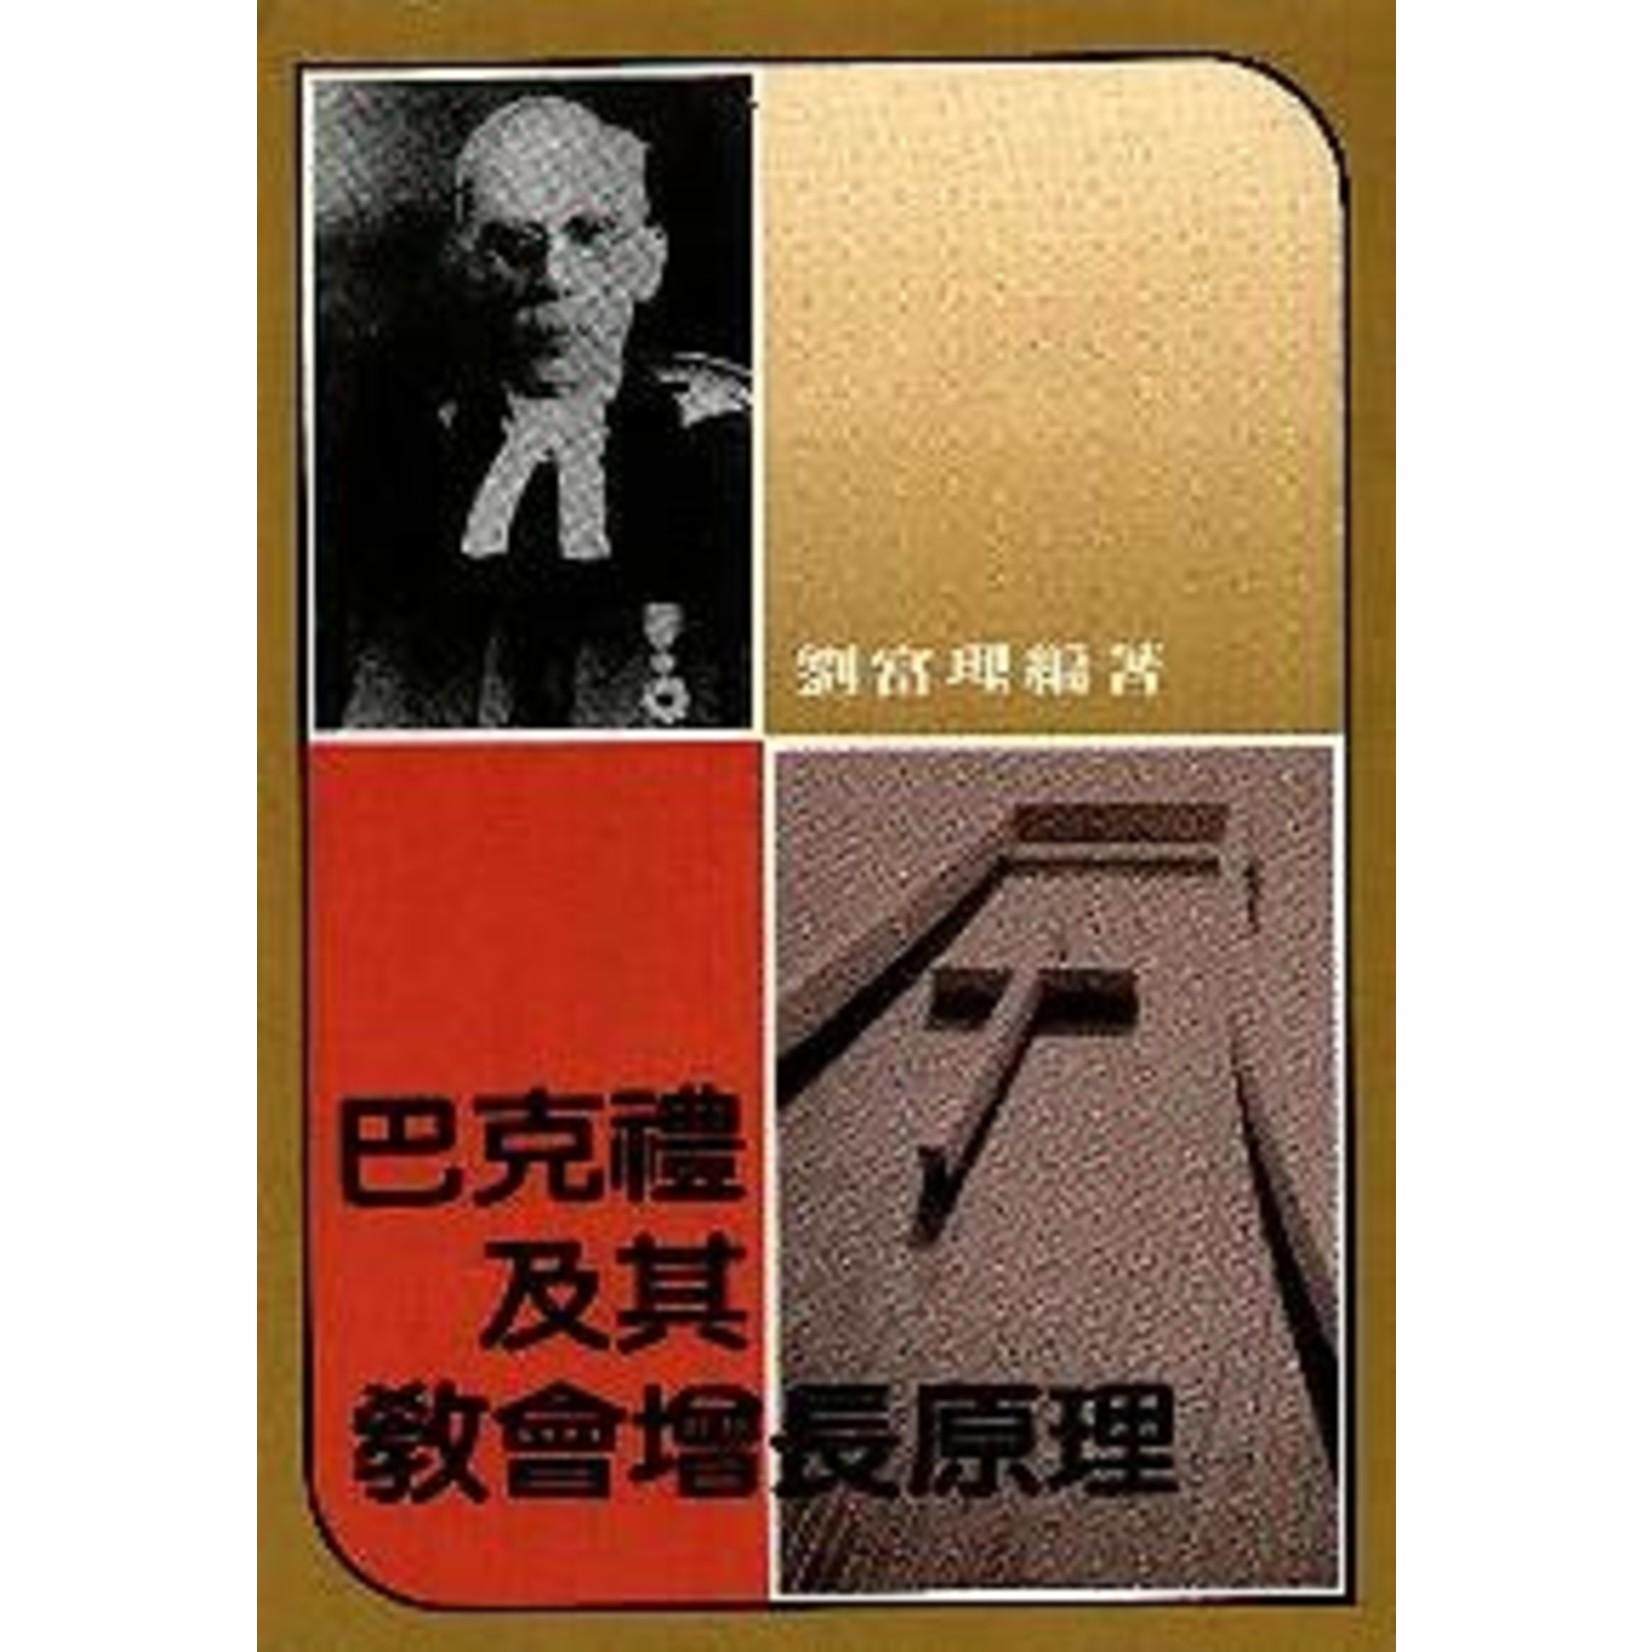 美國中信 Chinese Christian Mission 巴克禮及其教會增長原理